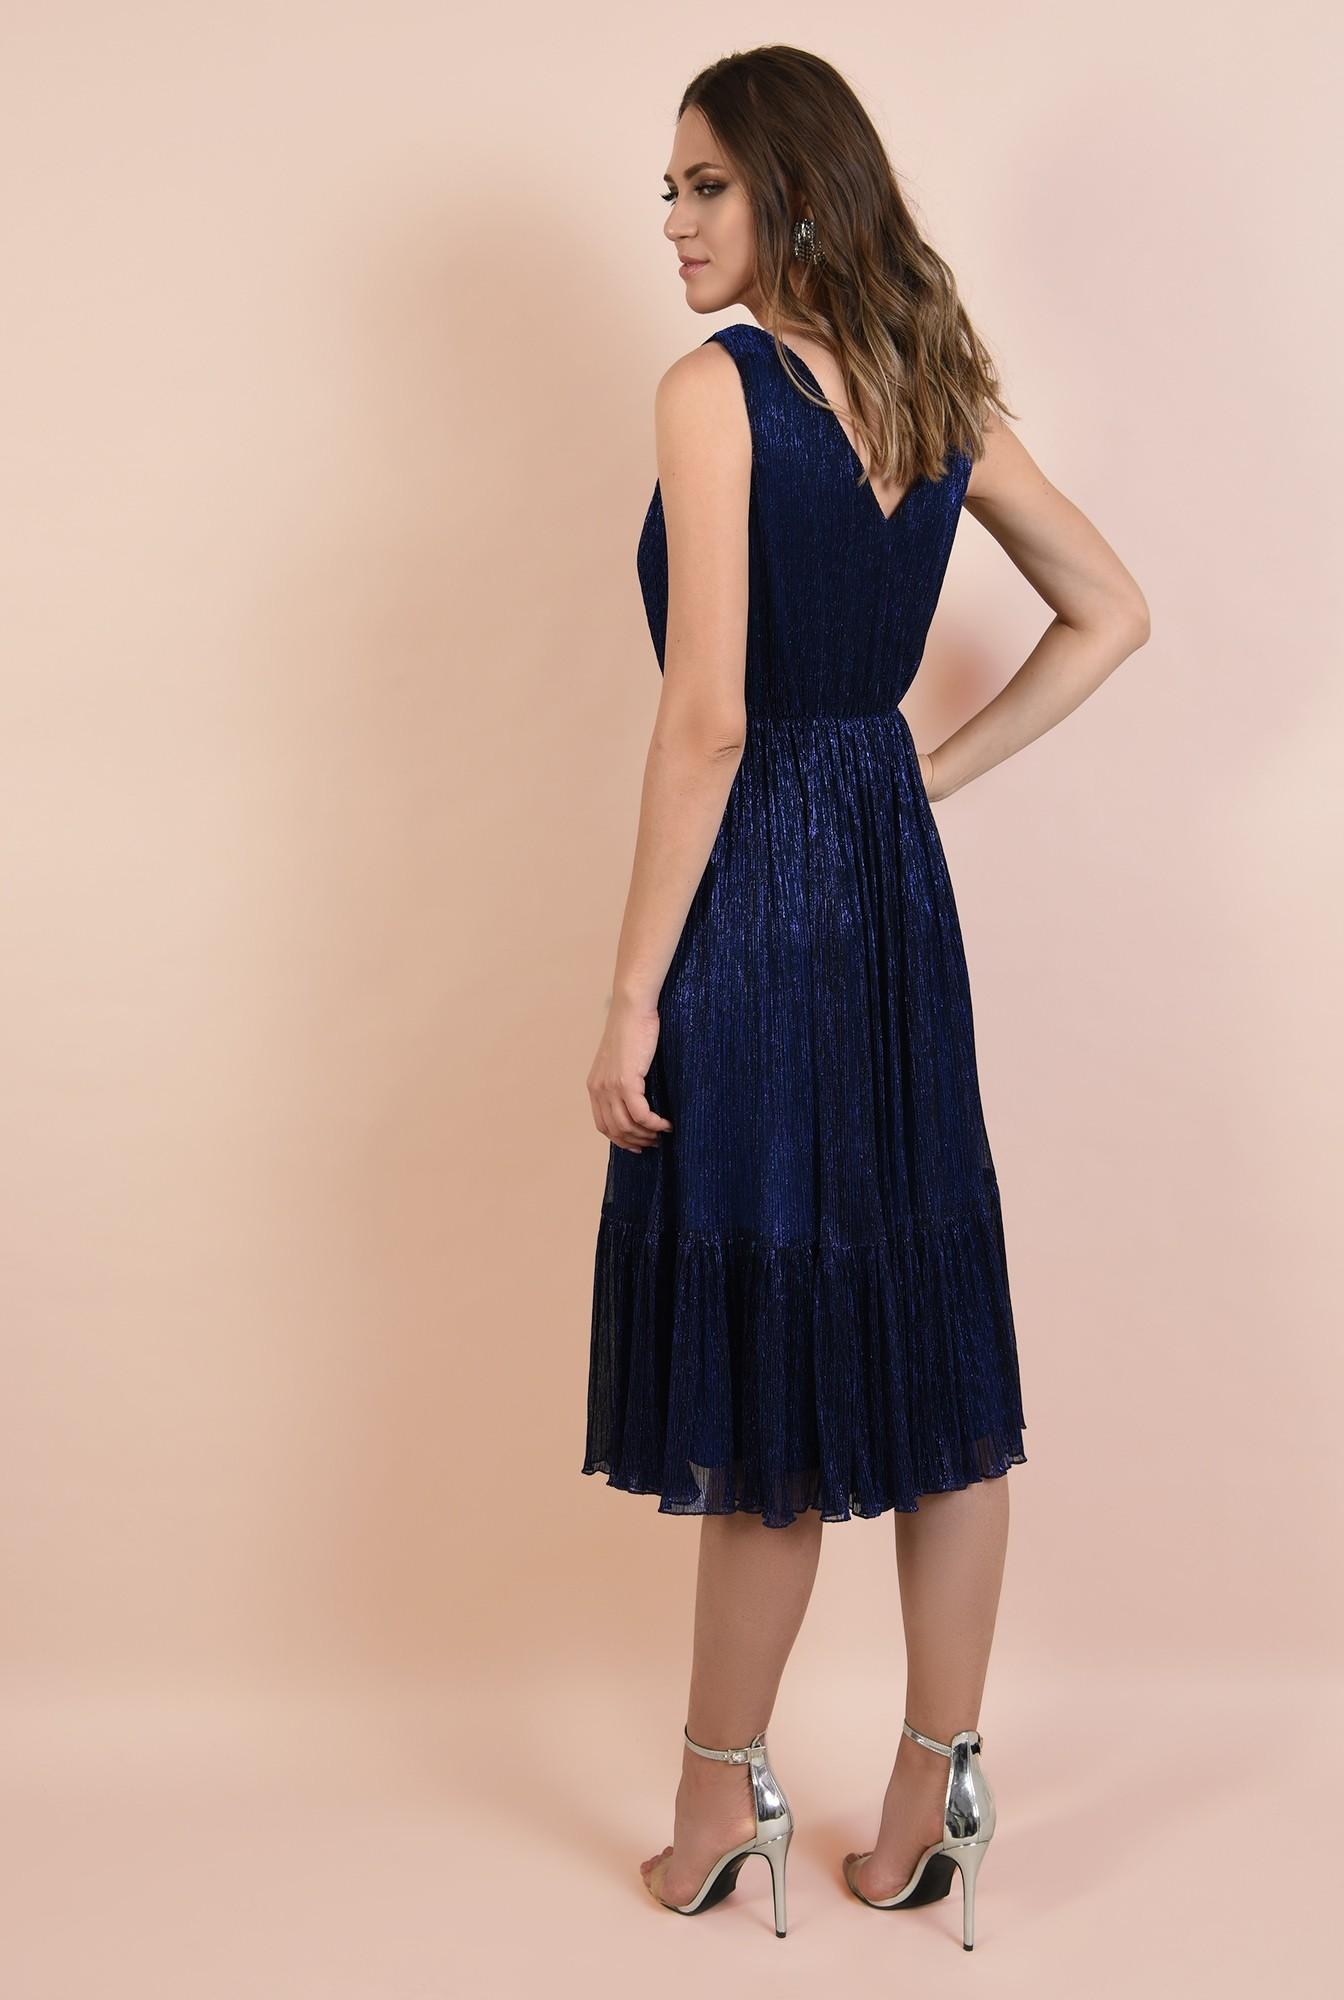 1 - rochie de seara, din lurex, elastic la talie, anchior petrecut, albastra, Poema